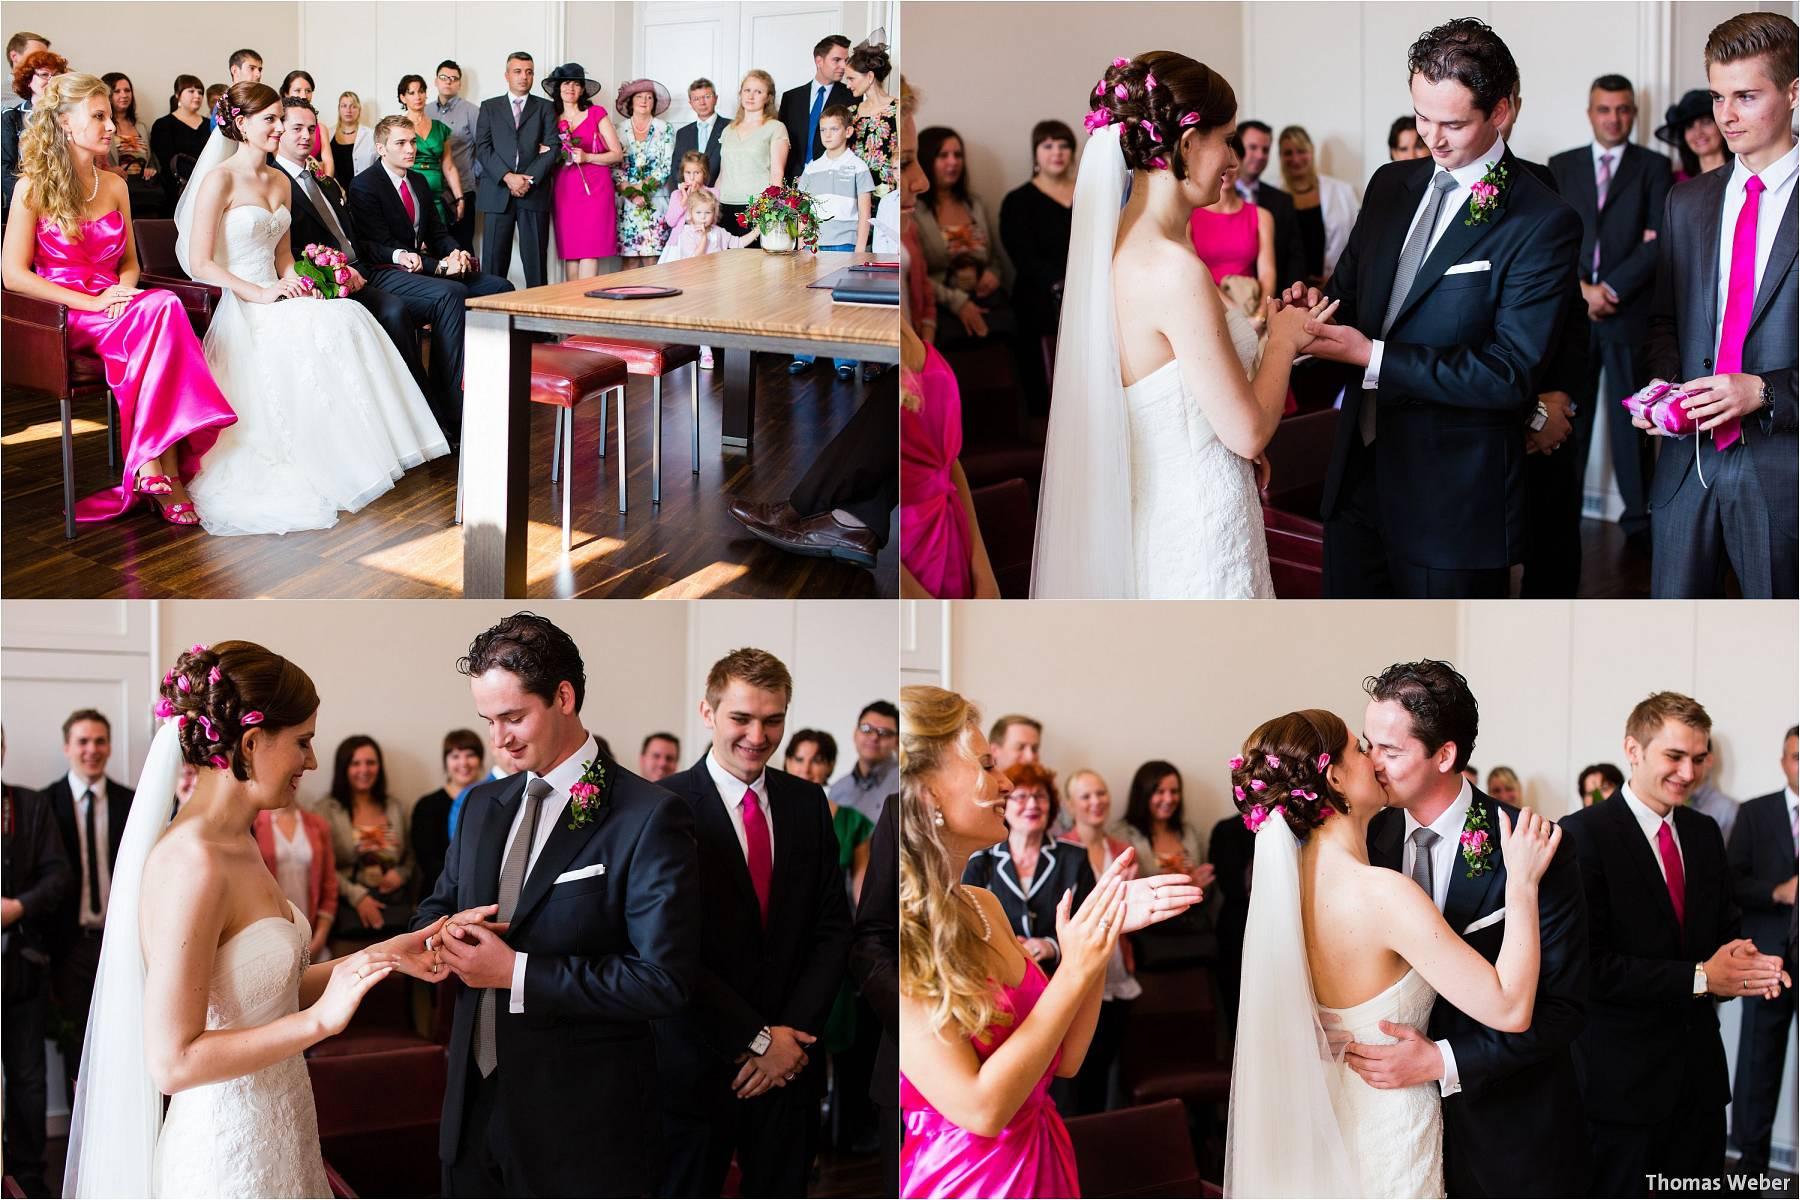 Hochzeitsfotograf Oldenburg: Russische Hochzeit im Standesamt am Pferdemarkt und Hochzeitsfeier im Landhaus Etzhorn (10)